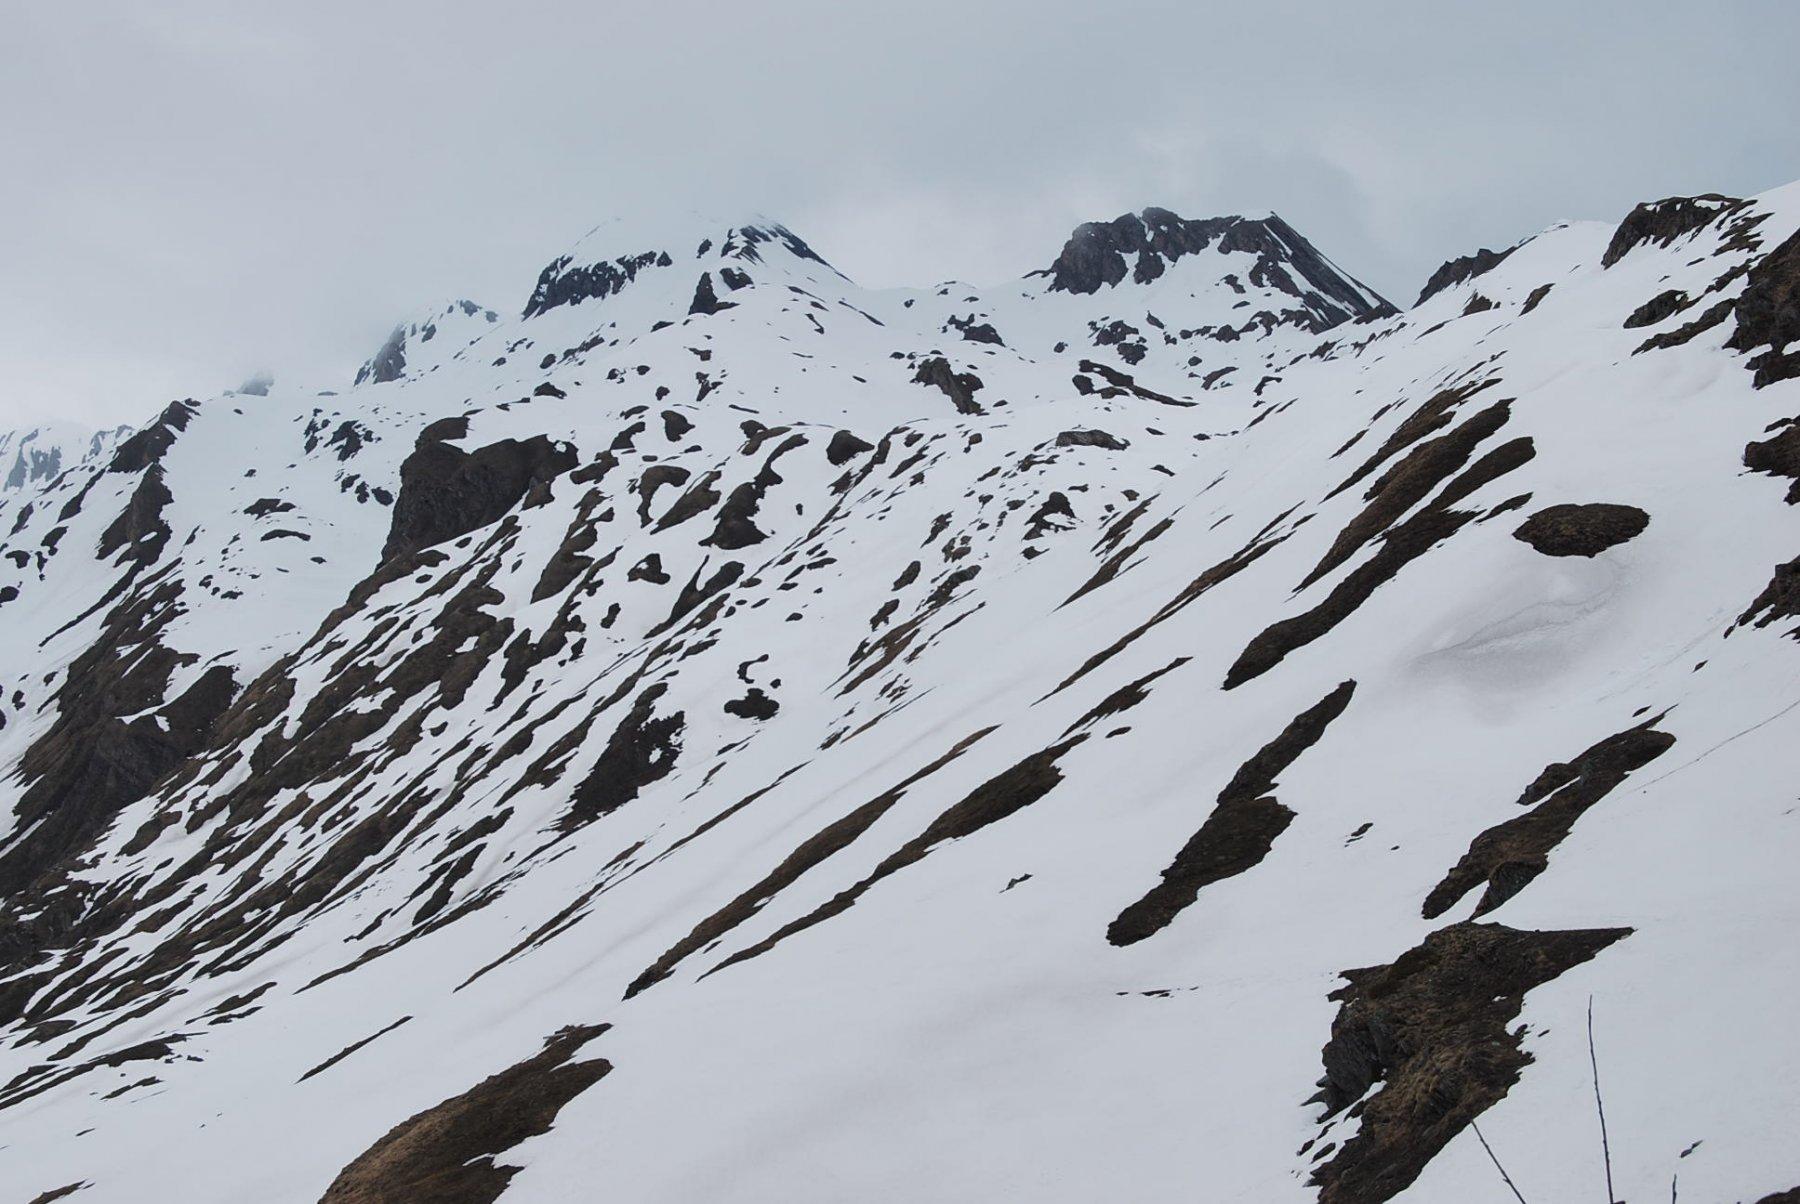 Per Monica. Nascosti da nuvole e neve: Creton du Midi, quota 3047 e Gran Creton.